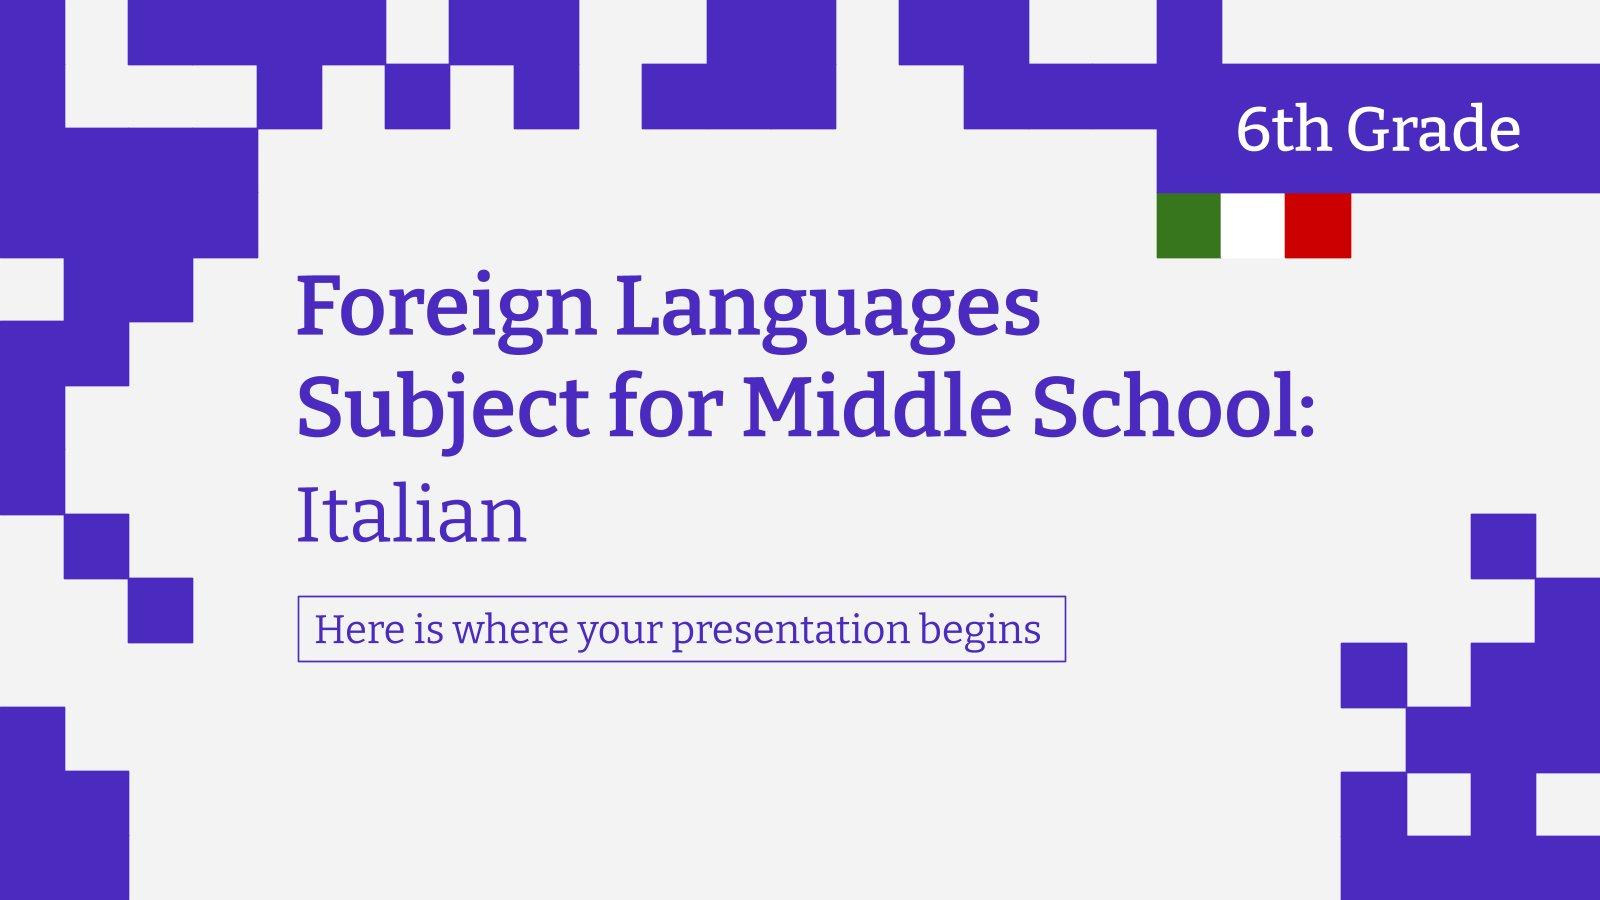 Modelo de apresentação Língua estrangeira para o ensino médio: Italiano